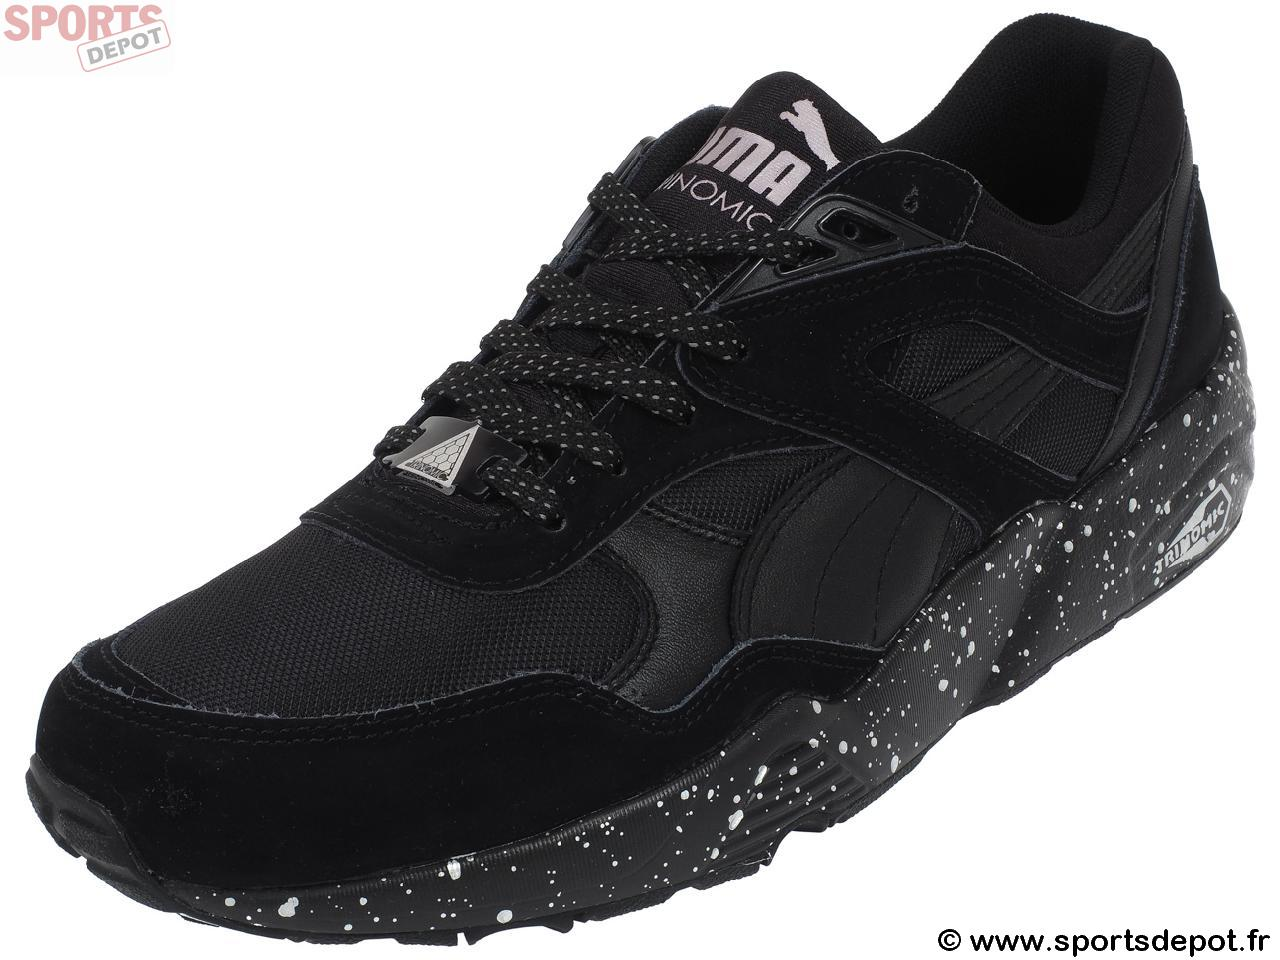 coupe classique 1bea2 4322d Acheter Chaussures mode ville PUMA R698 speckle v2 black ...